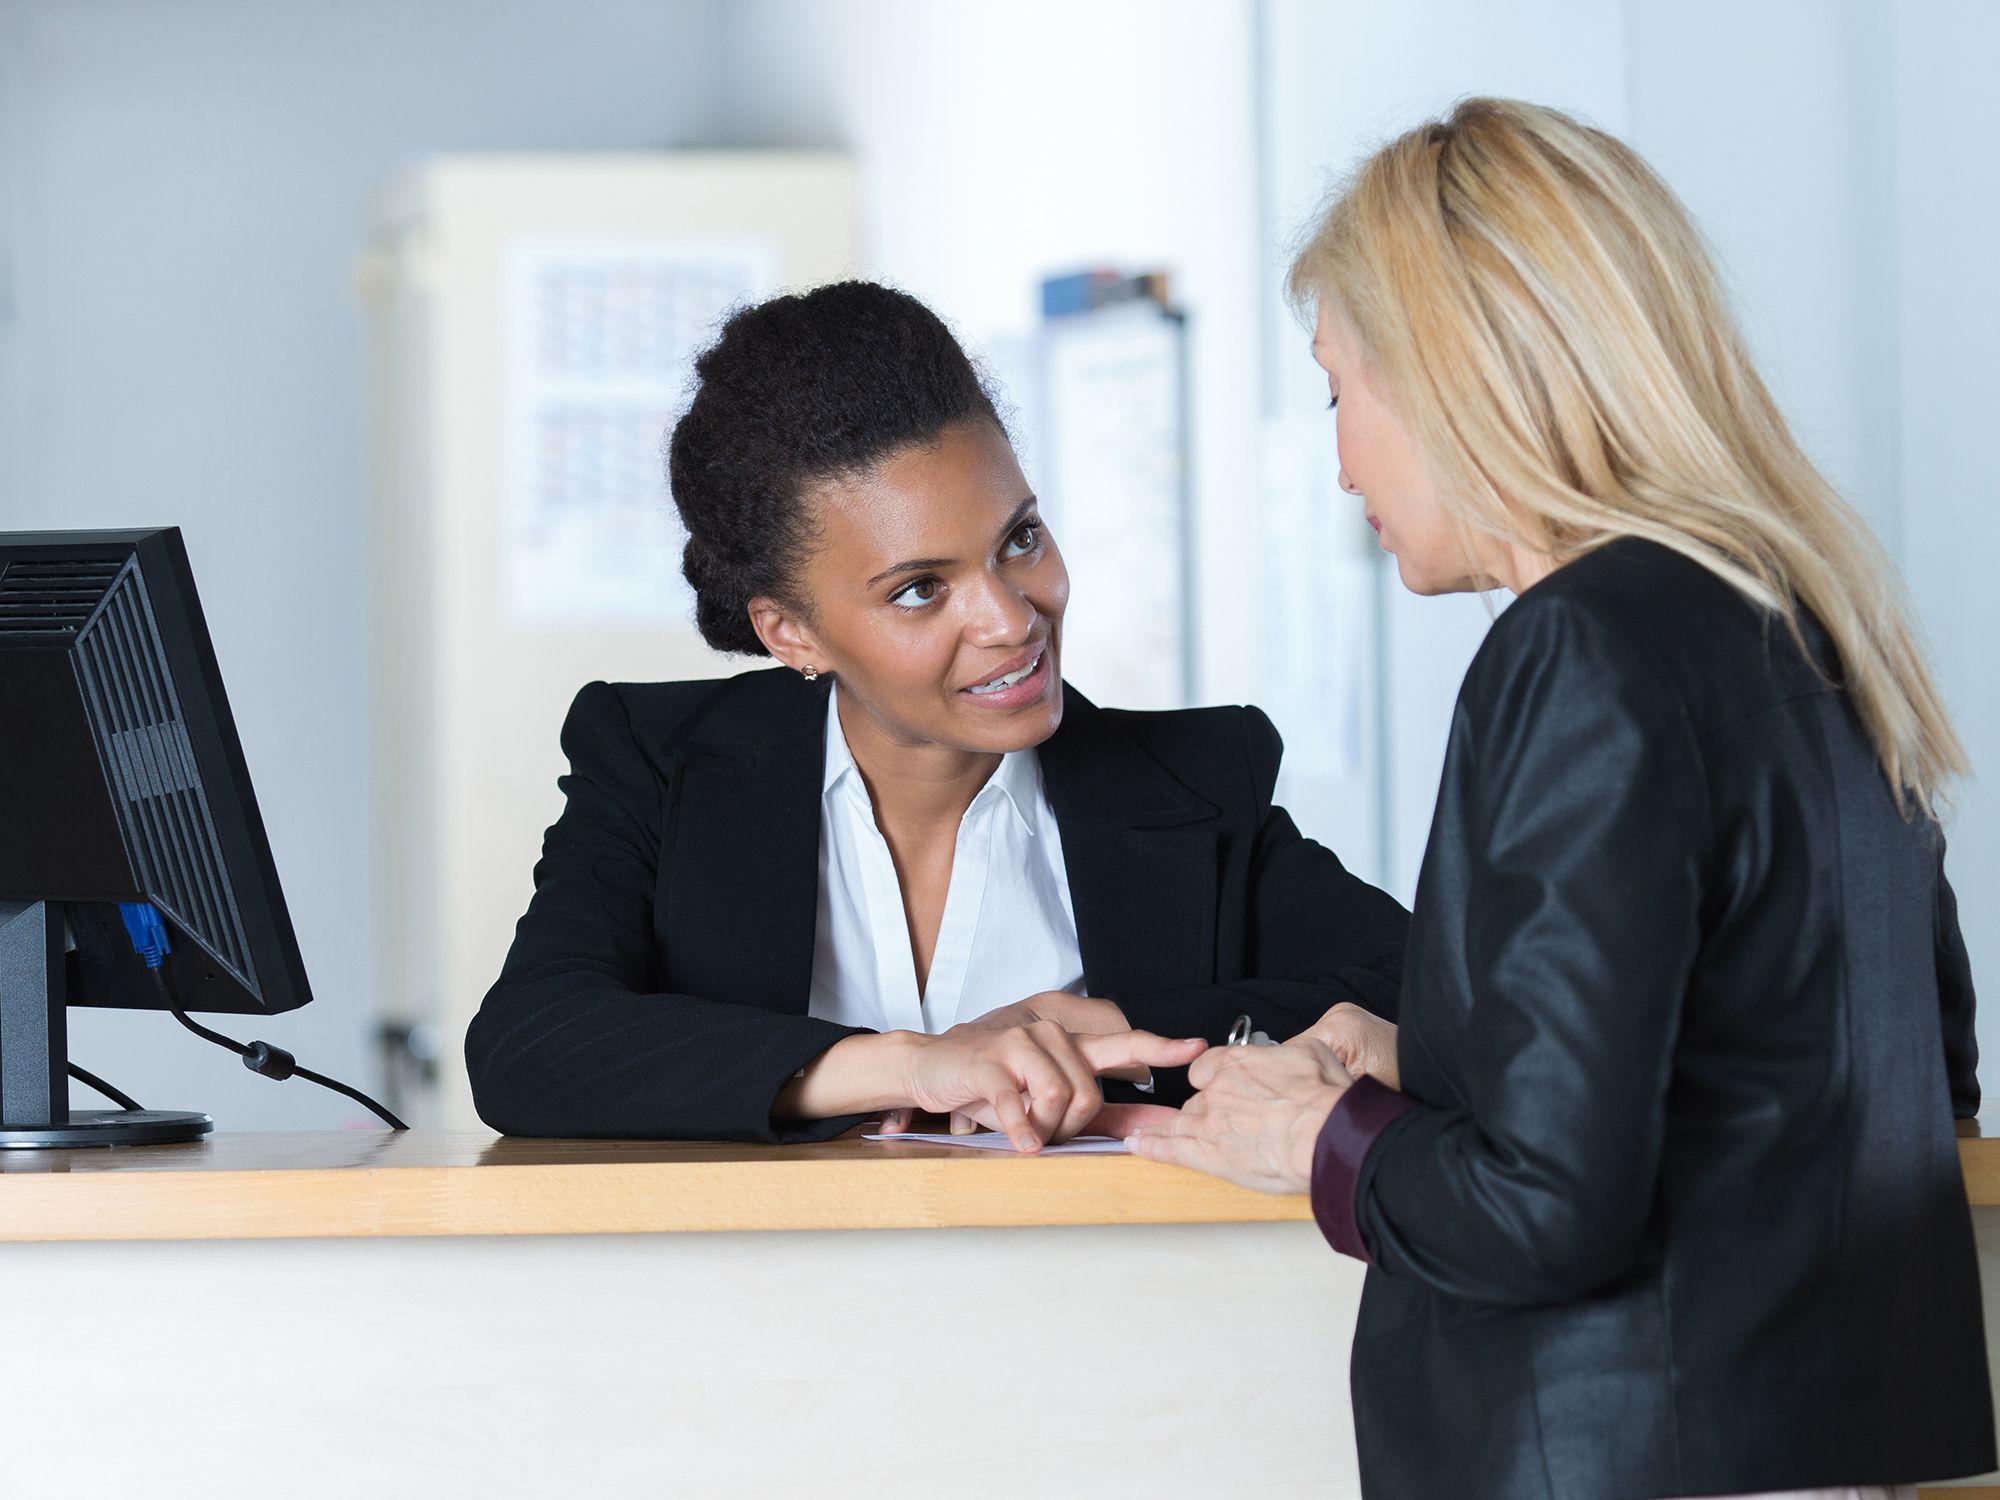 Level 5 - Empfangsmitarbeiter wie Rezeptionistin, Rezeptionisten, Empfangskräfte, Empfangsdamen, Empfangsherren, Empfangskraft, Empfangsassistenten, Empfangsassistentin, Empfangsangestellte, Empfangsassistenz, Empfangschef, Empfangspersonal, Empfangssekretärin, Empfangsservice, Front Office Agent, Front Office Manager, Rezeptionsmitarbeiter, Rezeptionsfachkraft, Tresenkraft, Tresenmitarbeiter, Bürohilfskraft, Bürofachkraft und Bürokraft für Büros, Büroarbeit, Büroaufgaben, Bürotätigkeiten, Büroorganisation, Urlaubsvertretung und Rekrutierung per Zeitarbeit, Arbeitnehmerüberlassung, Personalüberlassung und Personalvermittlung buchen und finden